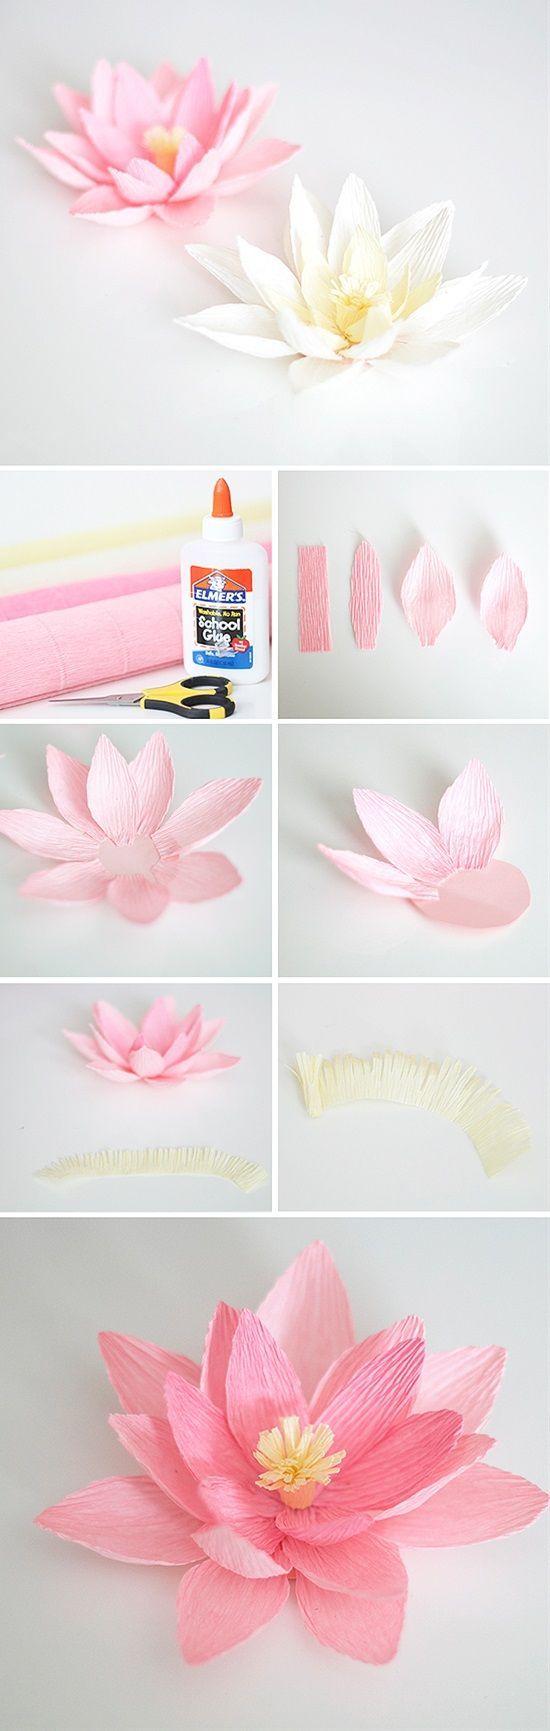 Fleur En Papier Crepon Facile A Faire concernant ▷ 1001 + idées et tutoriels de bricolage facile d'été et d'autres